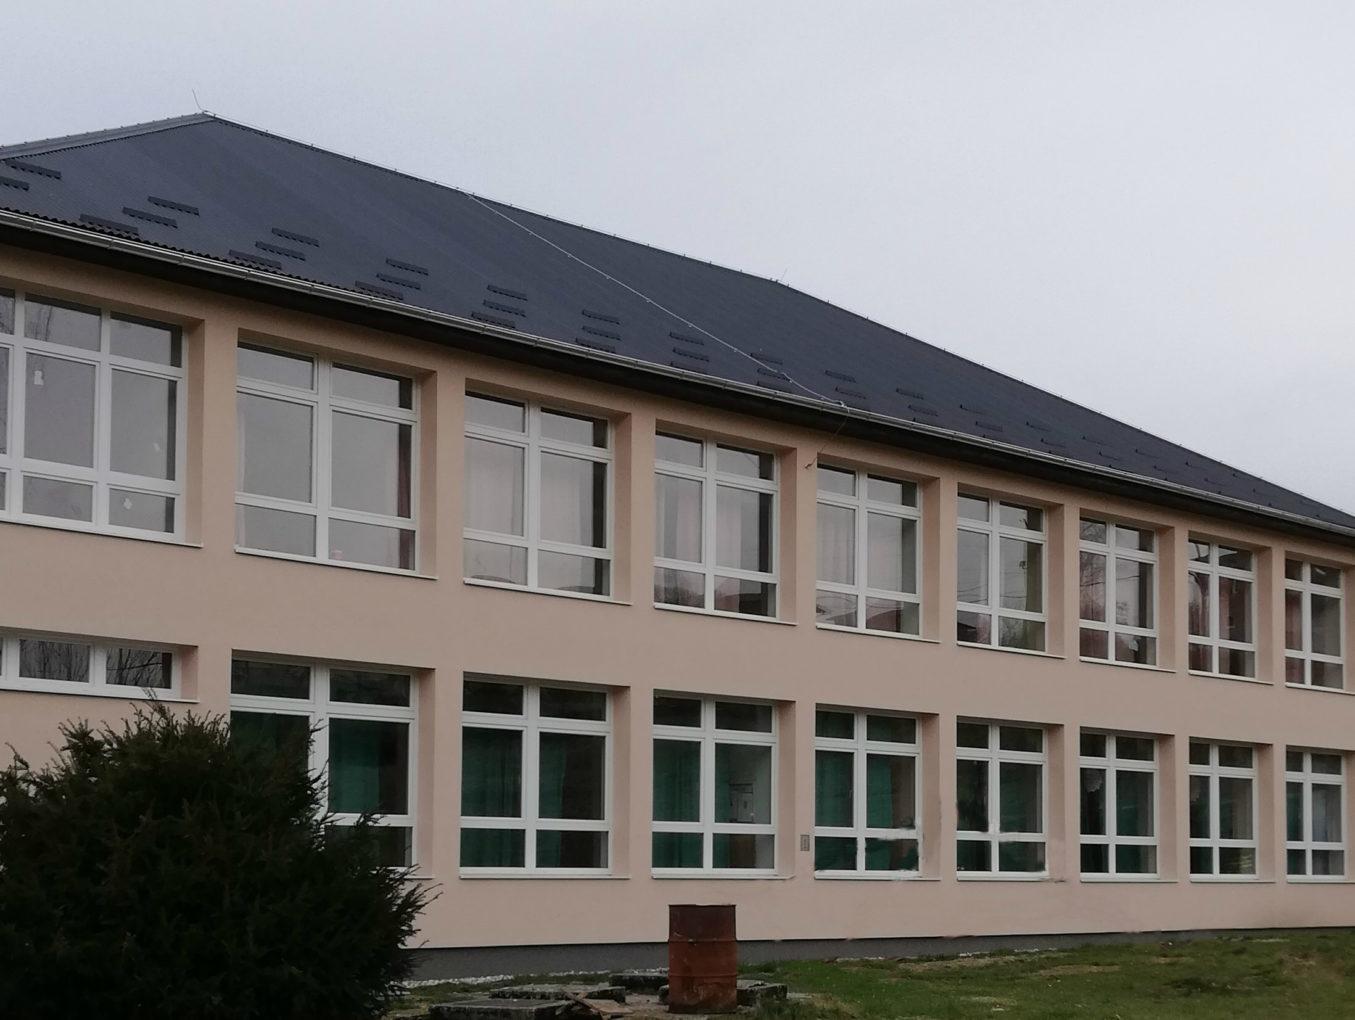 Završena energetska obnova zgrade Područne škole Julijane E. Drašković Cvetlin